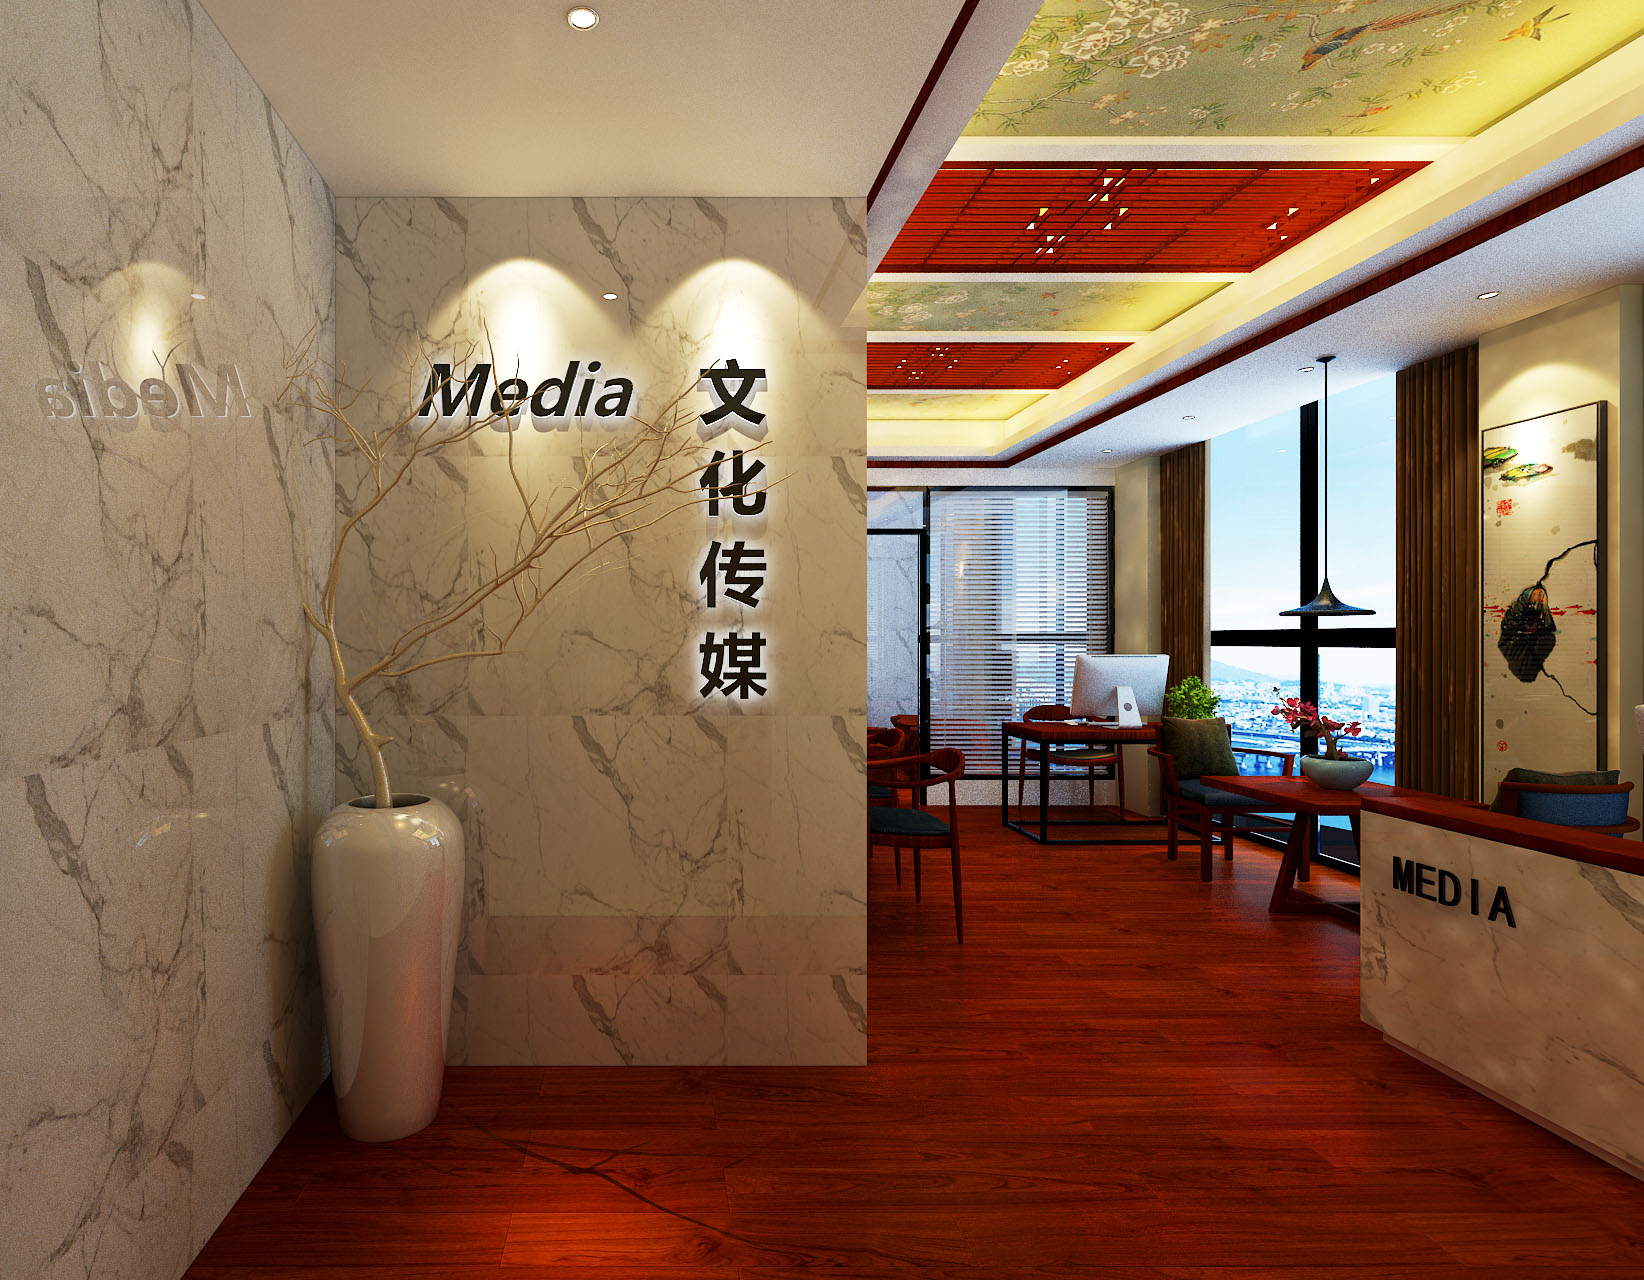 君子兰装饰 万达中心 郑州万达装 万达装修设 办公装修 办公设计 玄关图片来自流落四方在万达中心中式古典办公的分享